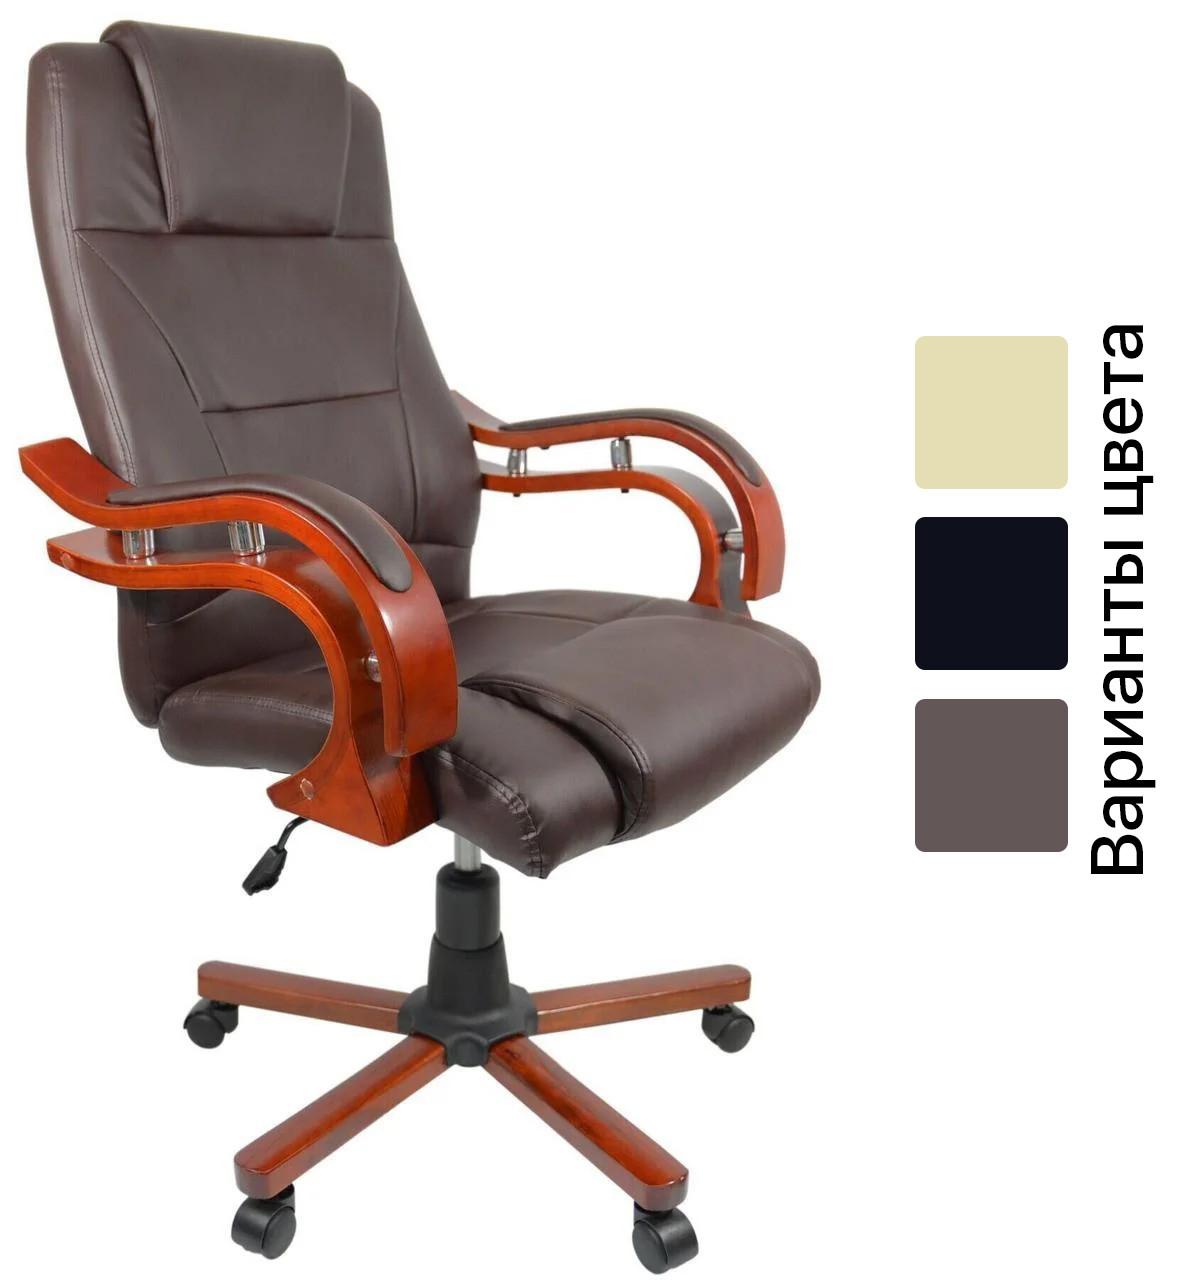 Офисное компьютерное кресло Prezydent Calviano для дома, офиса